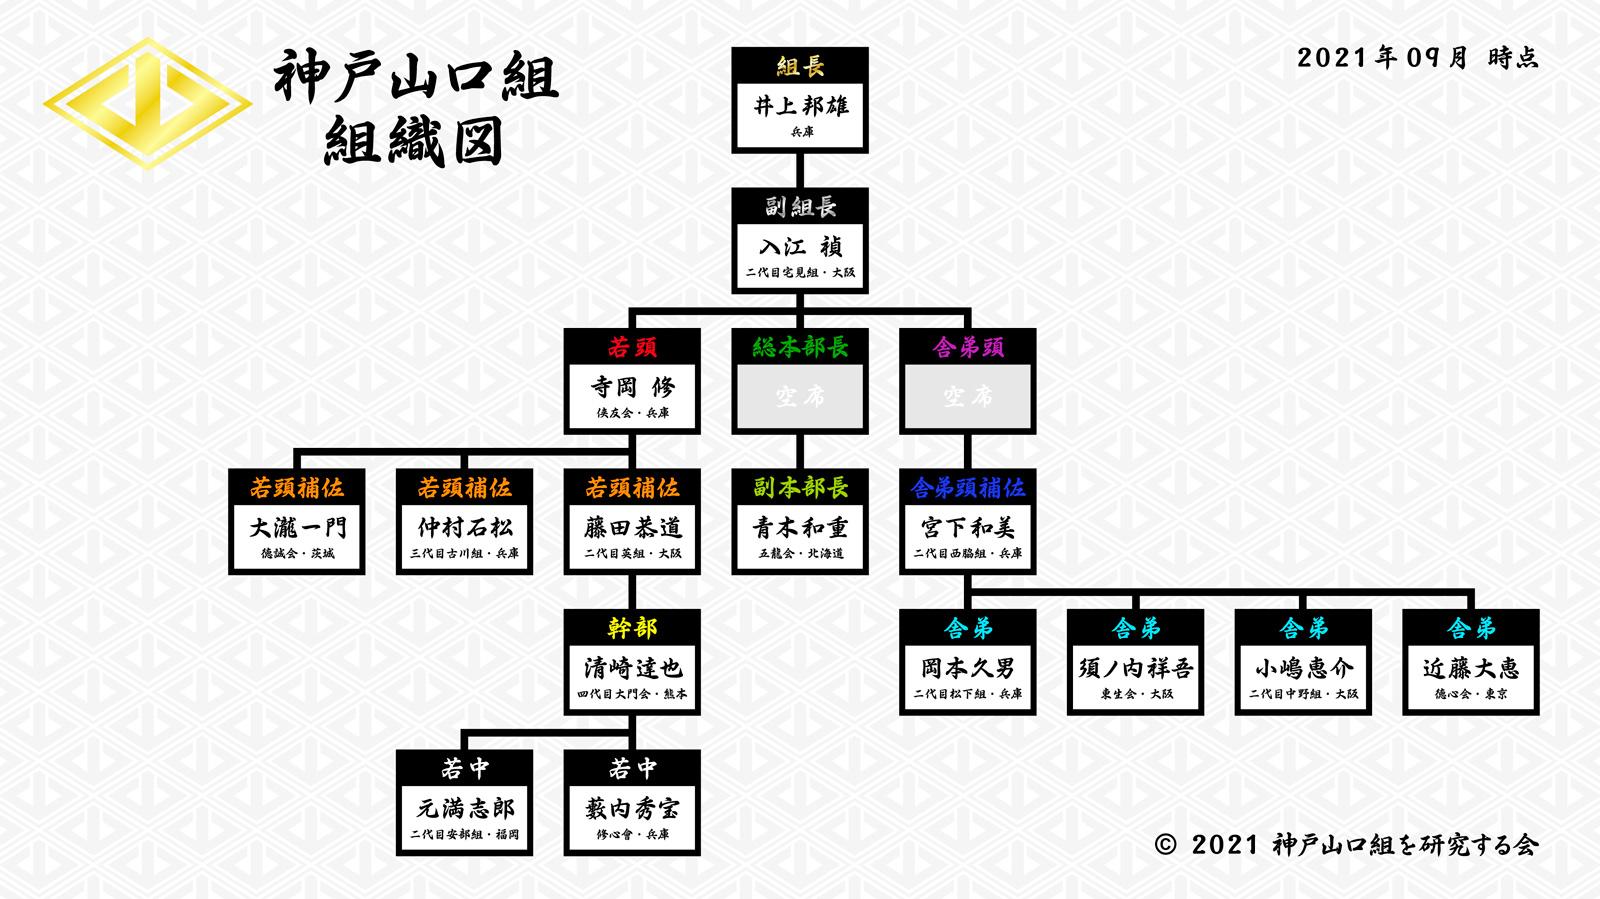 神戸山口組-組織図-202109